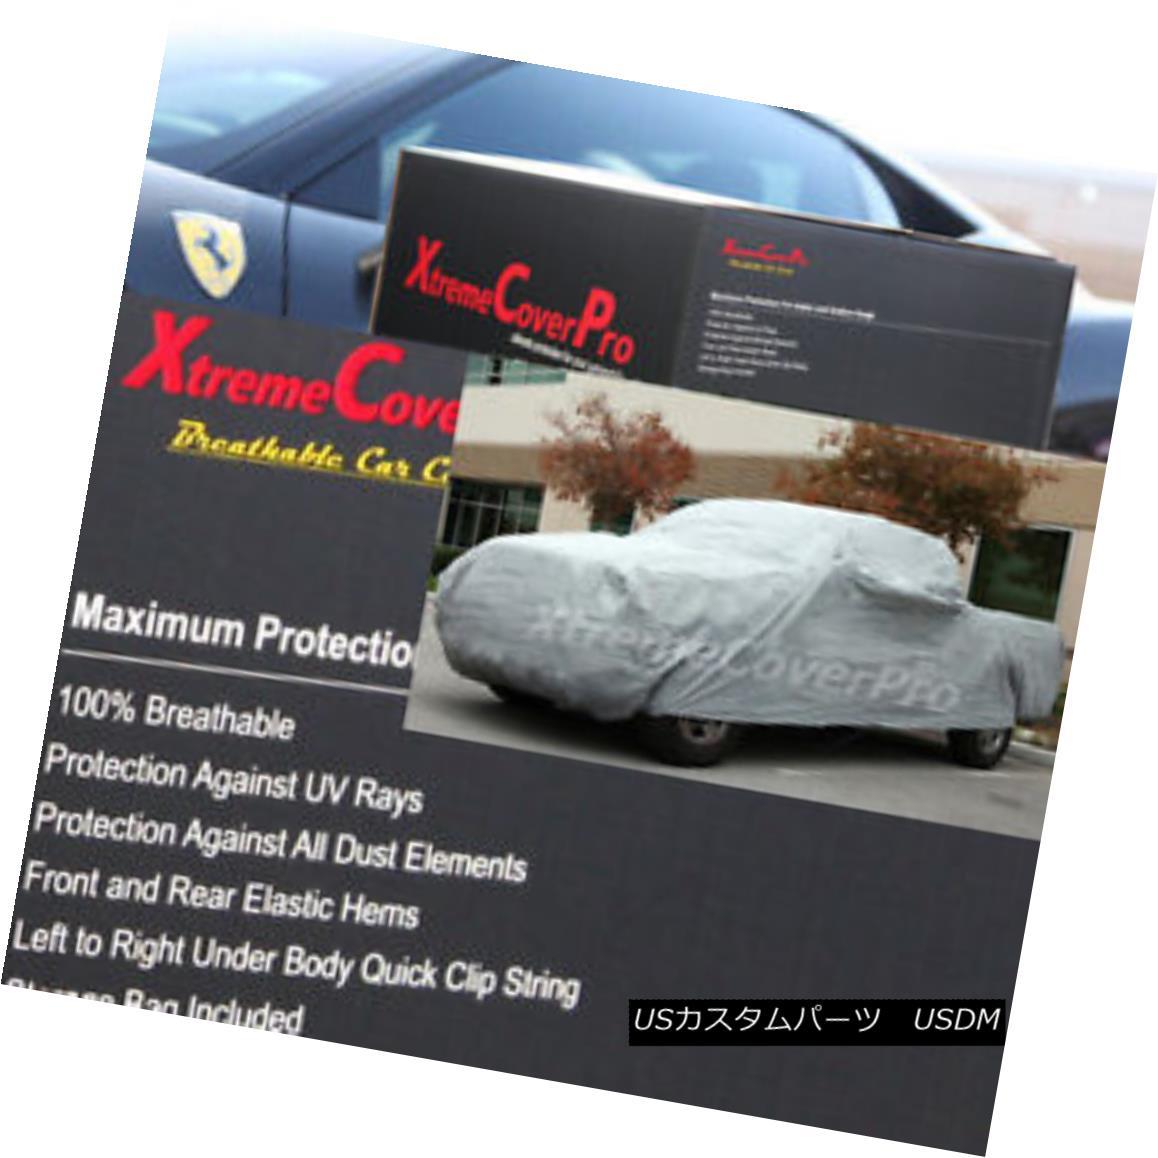 カーカバー 2013 Dodge RAM 3500 Reg Cab 8ft Box Breathable Car Cover 2013ダッジRAM 3500レッグキャブ8フィートボックス通気性の車のカバー